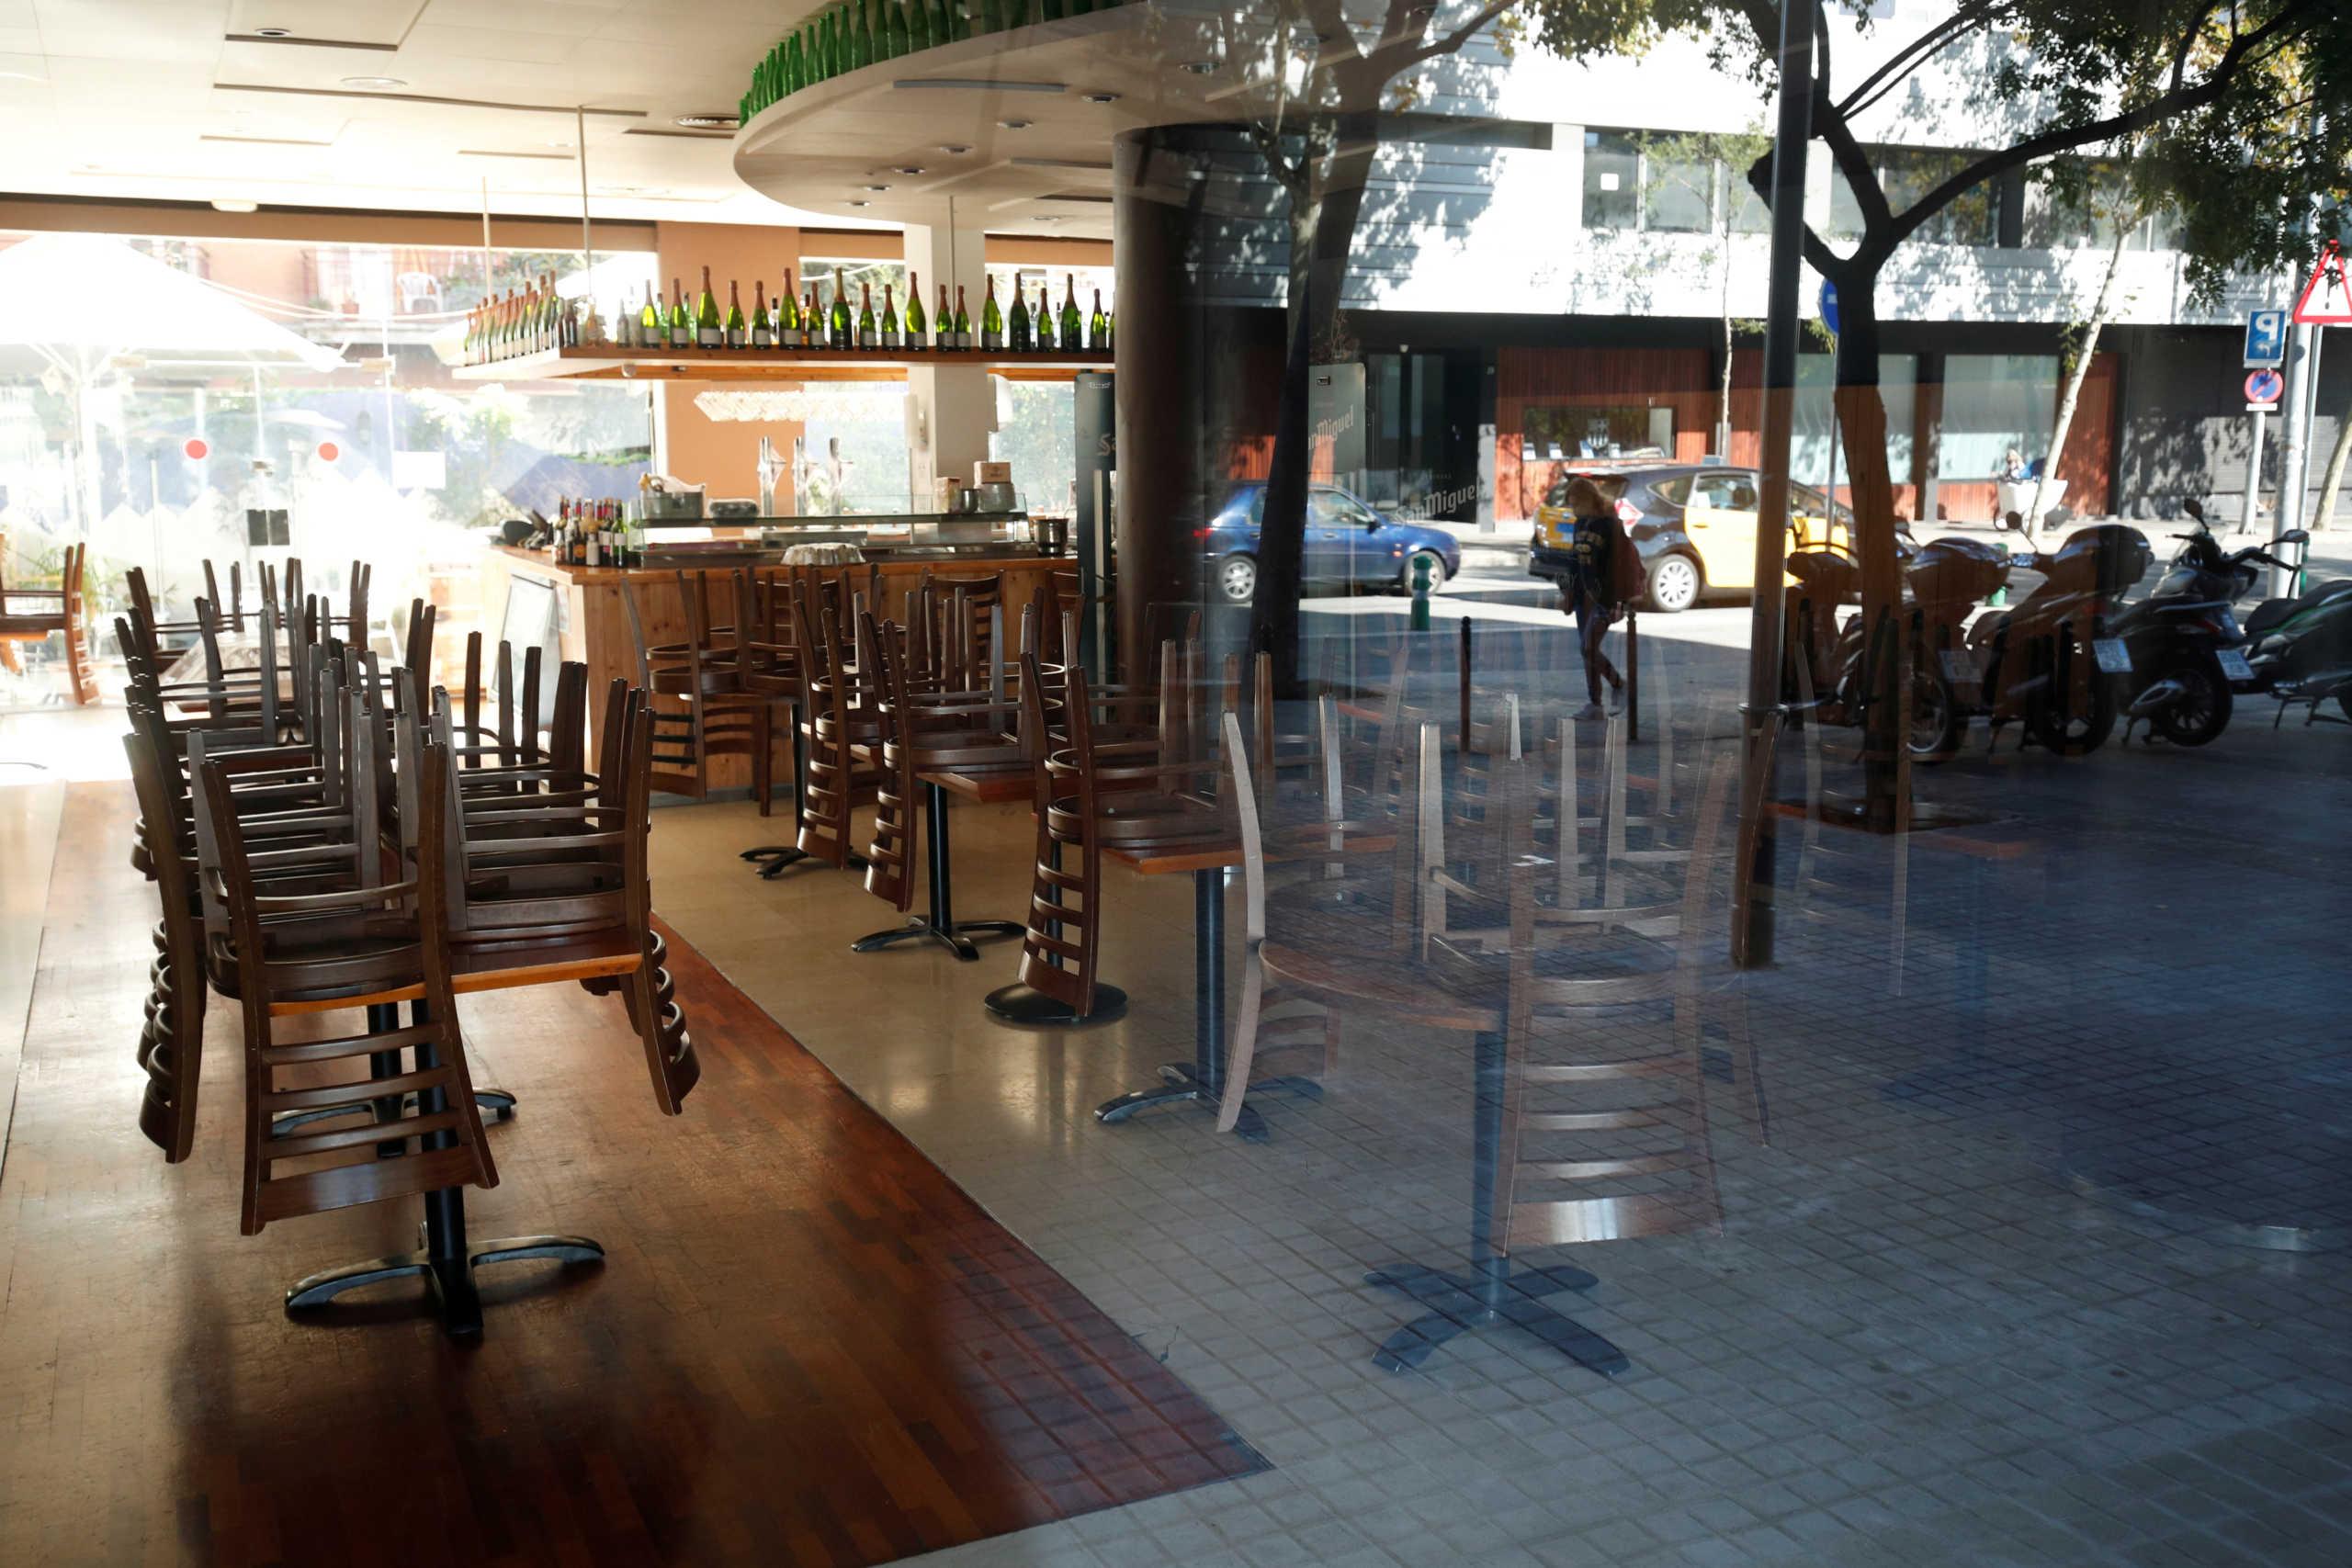 κλειστό κατάστημα λόγω κορονοϊού στη Βαρκελώνη της Ισπανίας